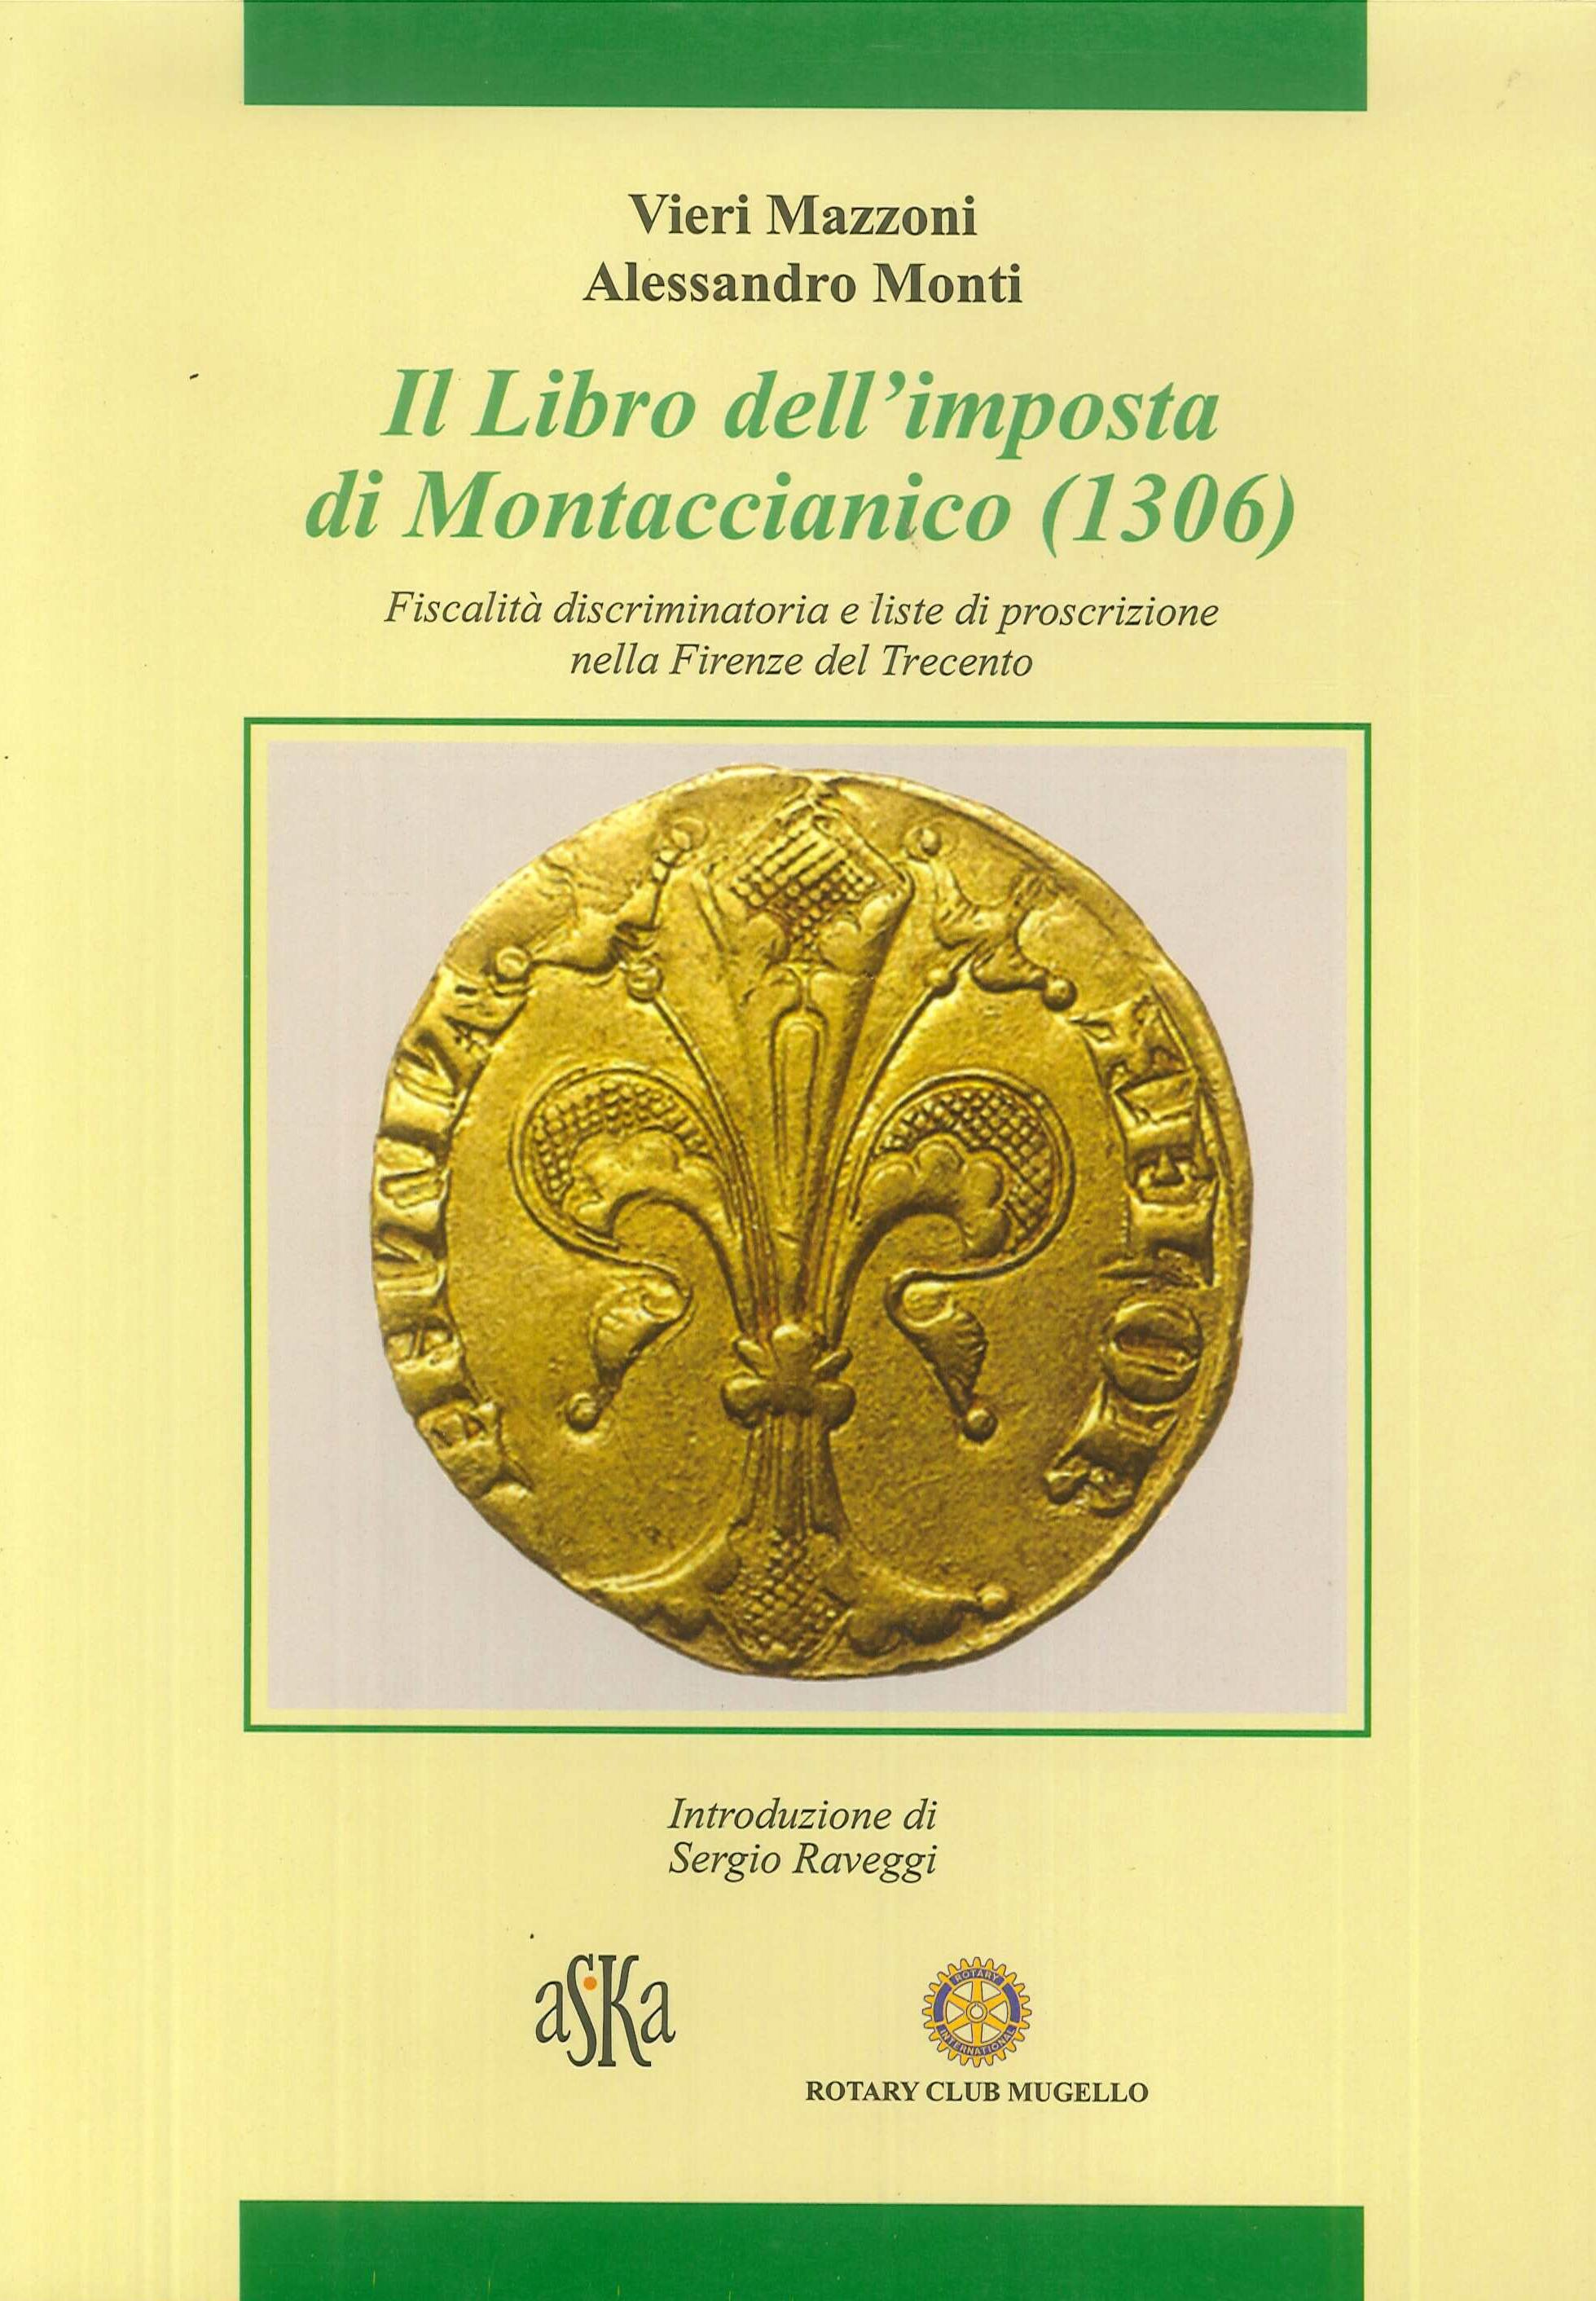 Il libro dell'imposta di Montaccianico (1306). Fiscalità discriminatoria e liste di proscrizione nella Firenze del trecento